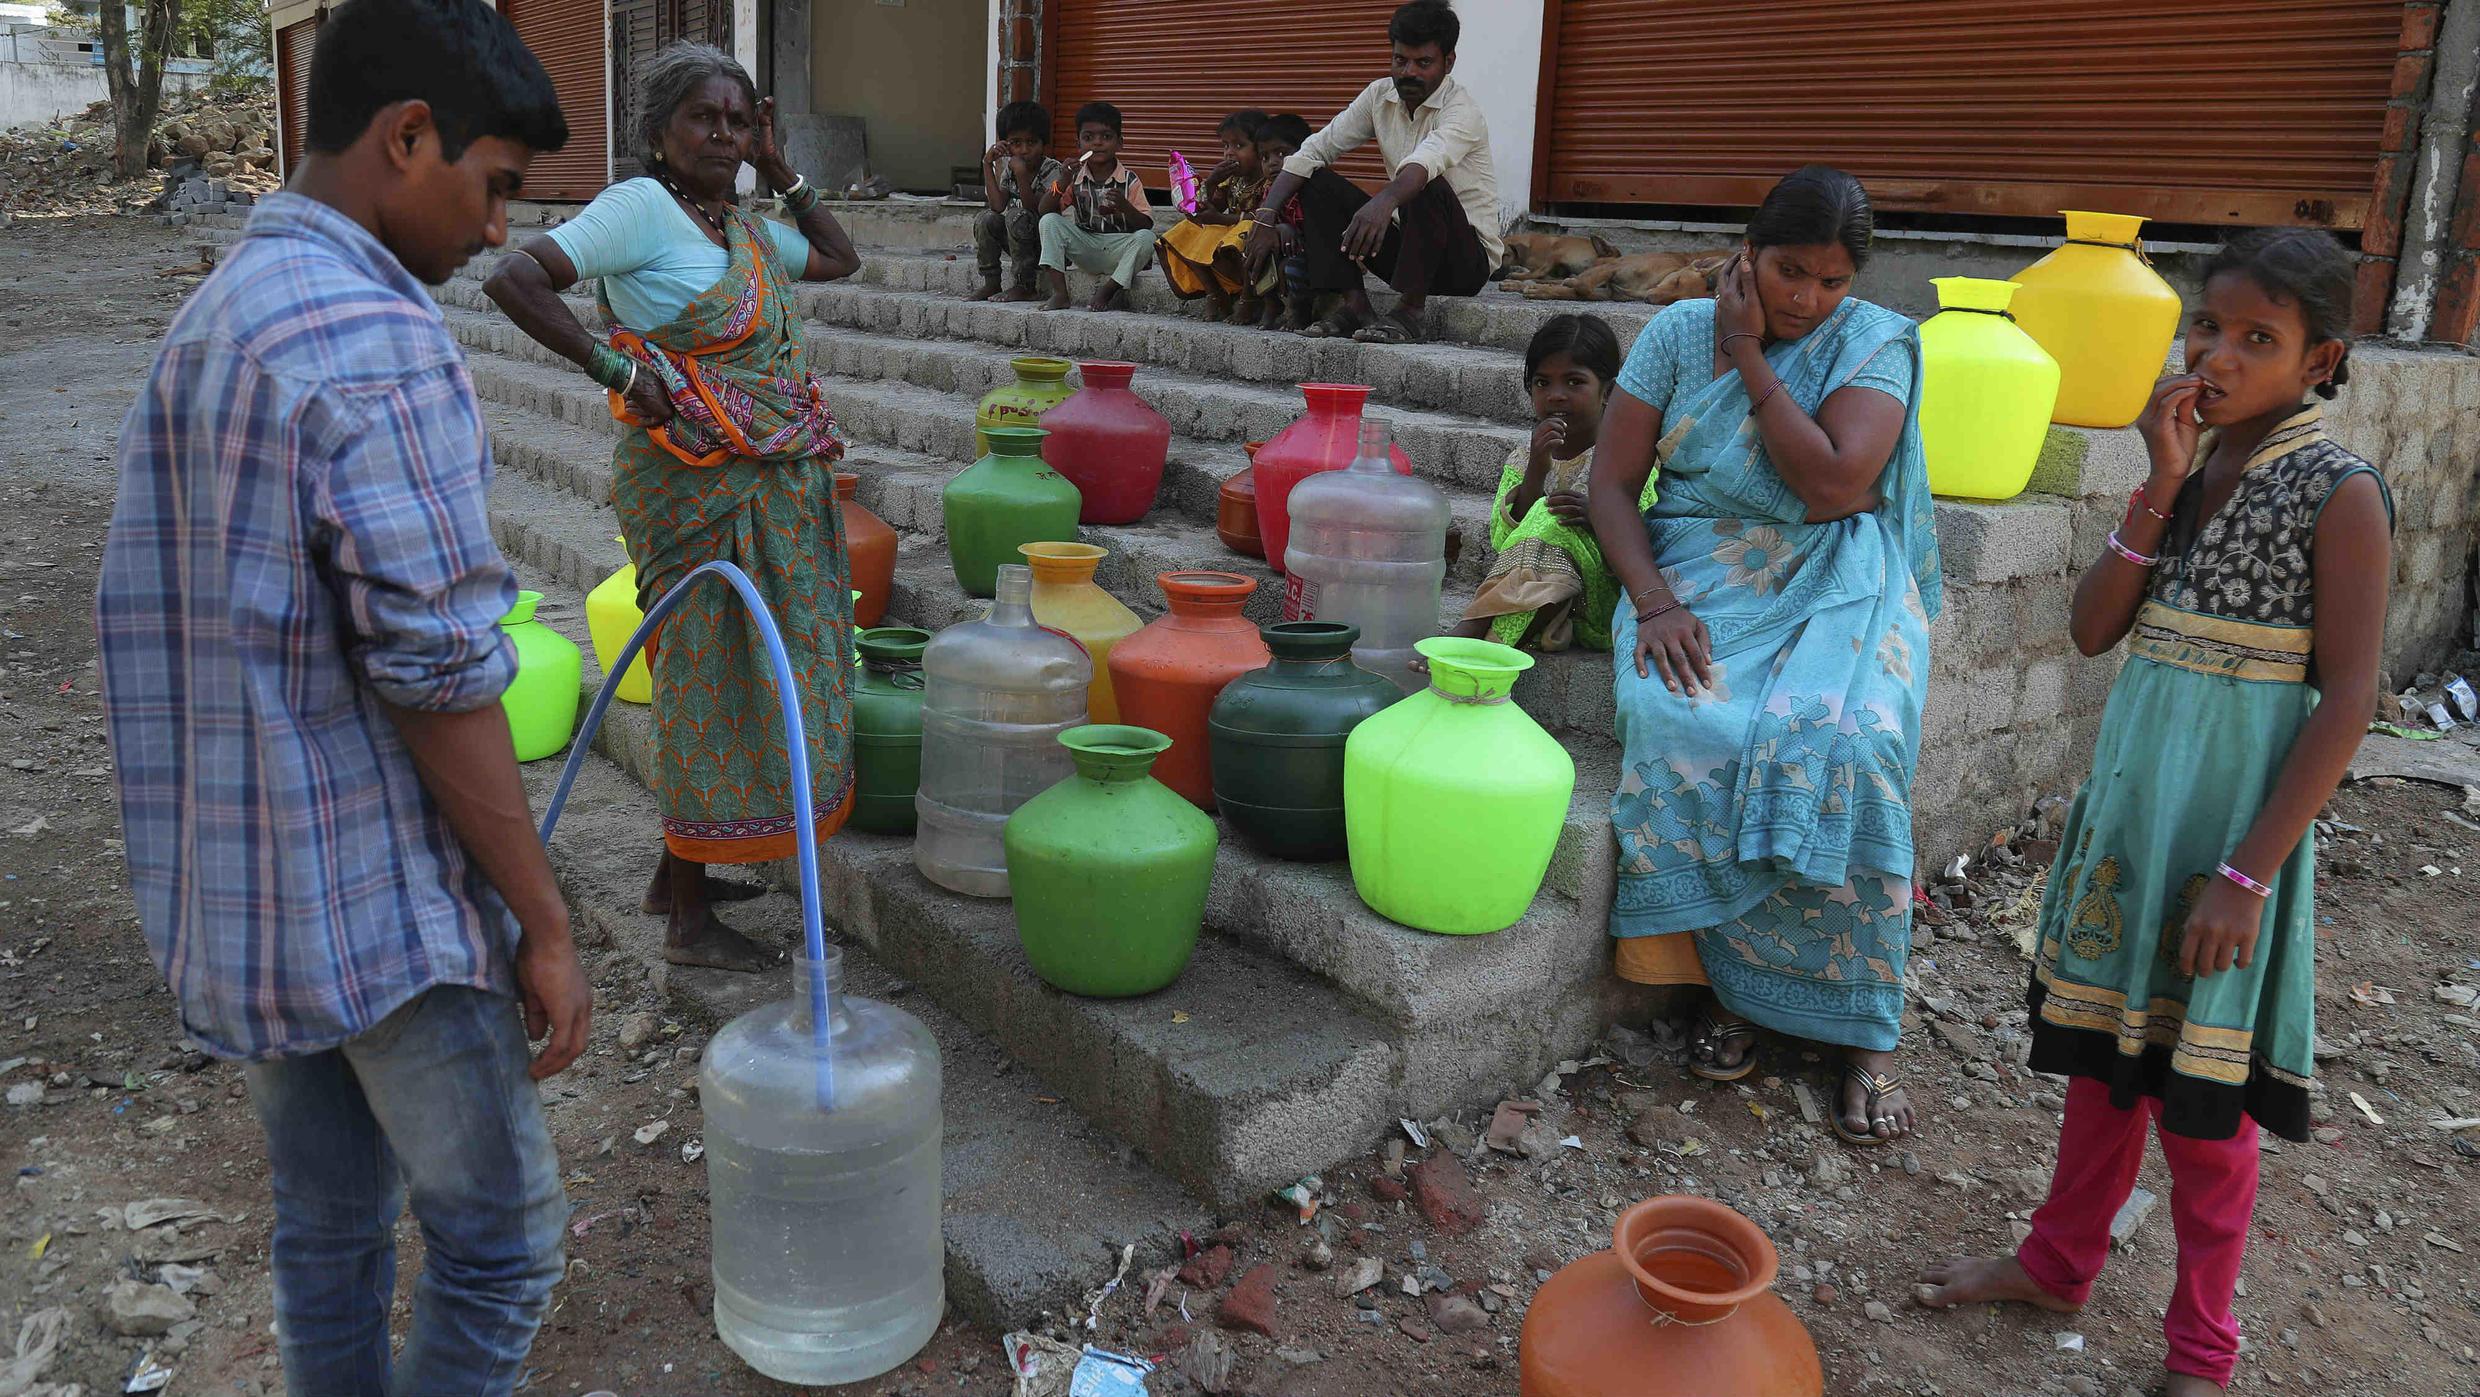 Los residentes de un barrio pobre de India recolectan agua potable de un grifo público en Hyderabad, el miércoles 18 de marzo de 2020.